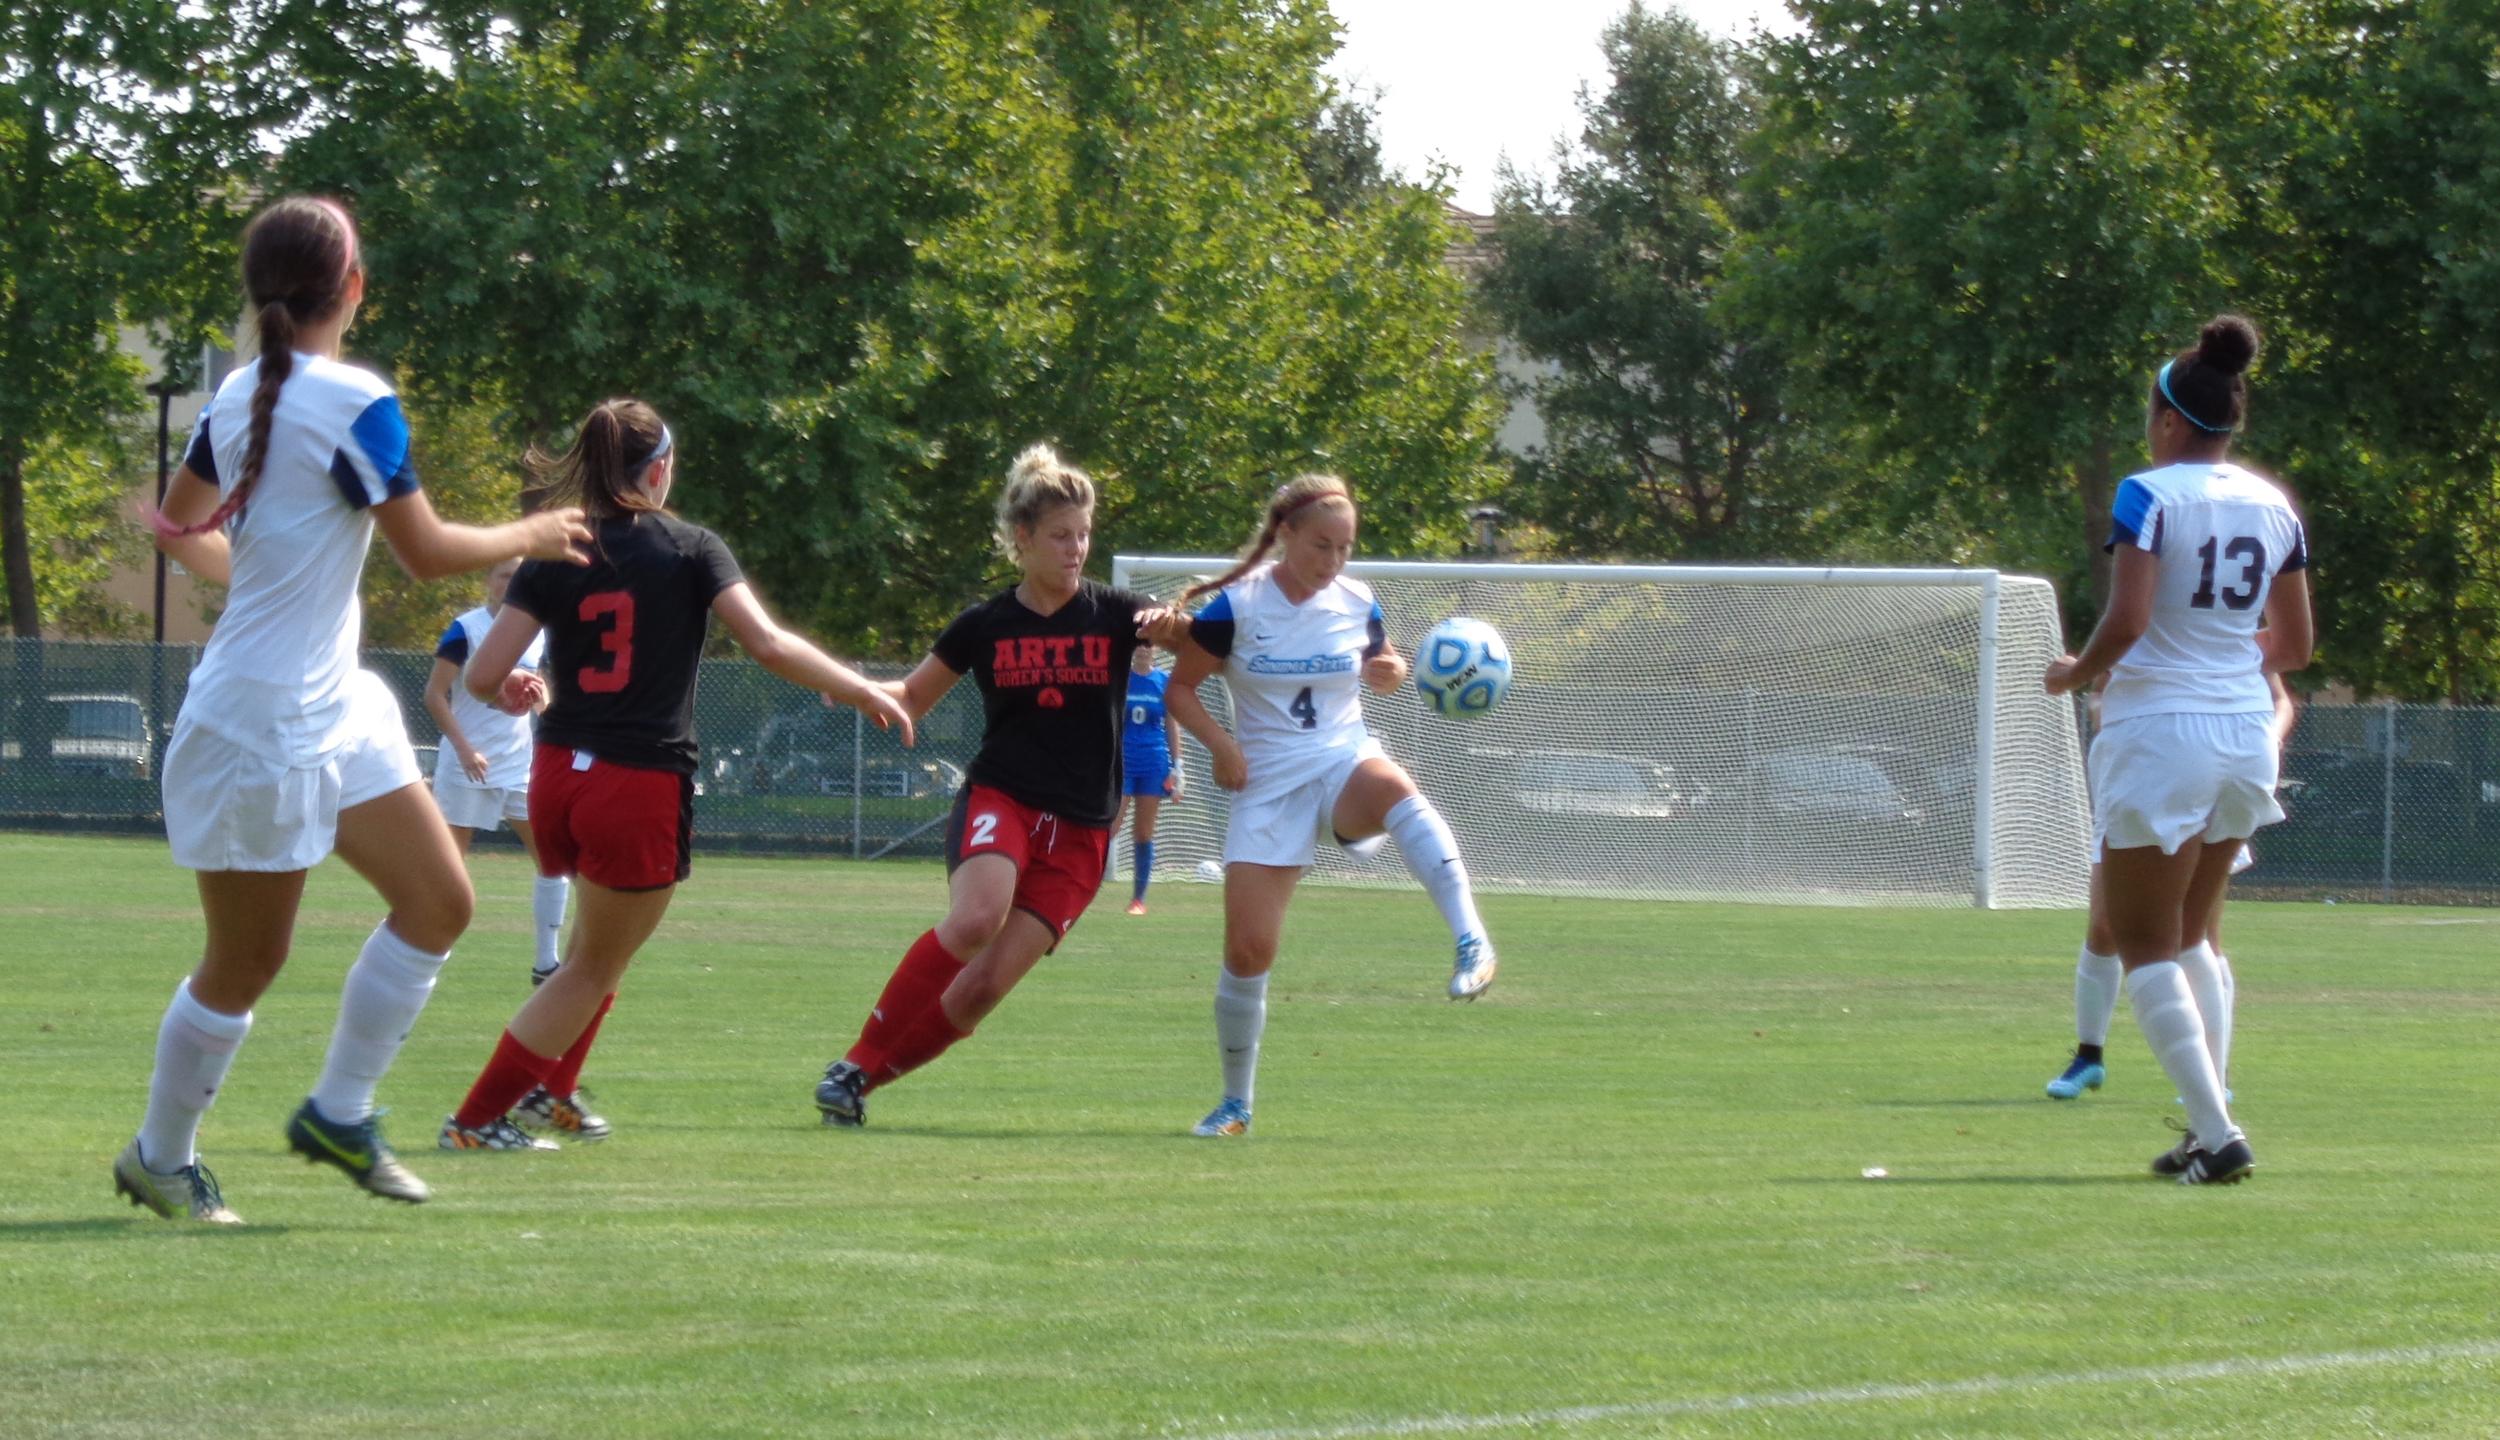 STAR // Jon Cappetta   Women's soccer improved their record 6-0-0.